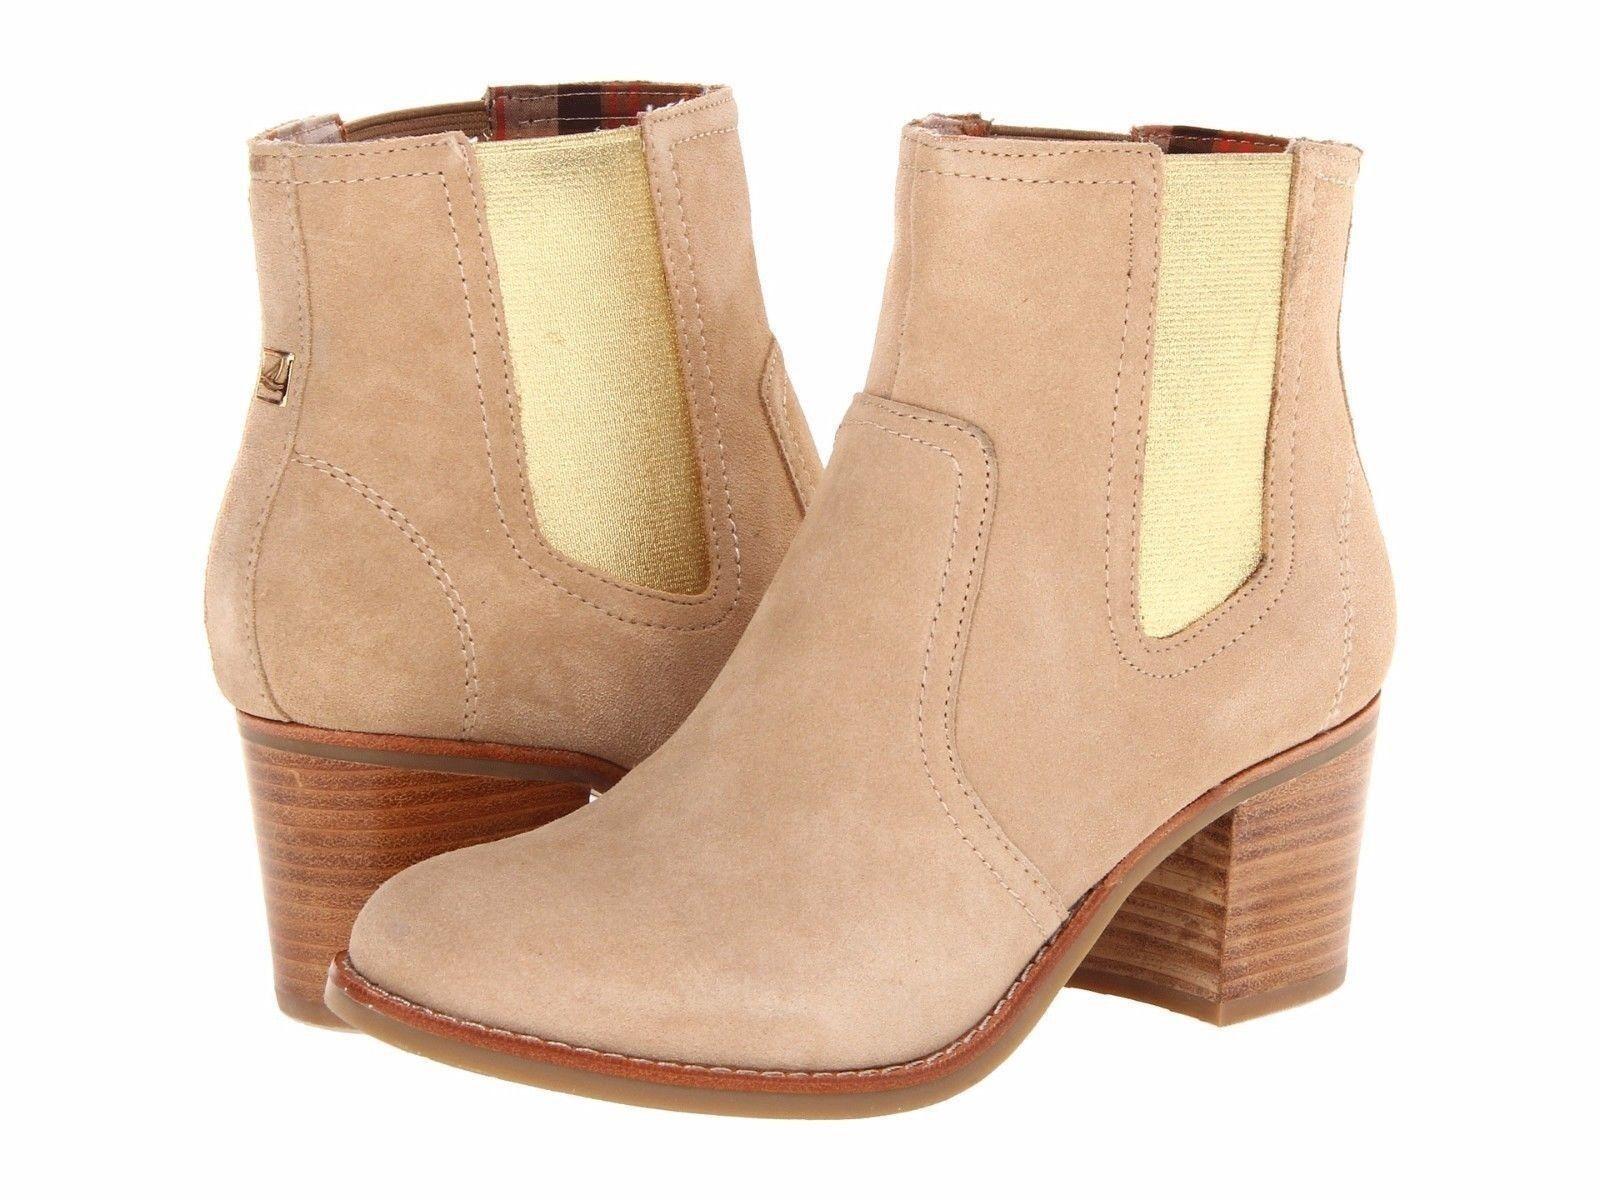 Sperry  Top -Sider donna _sMarlow stivali scarpe in Sand Suede sz 6.5  vendita online